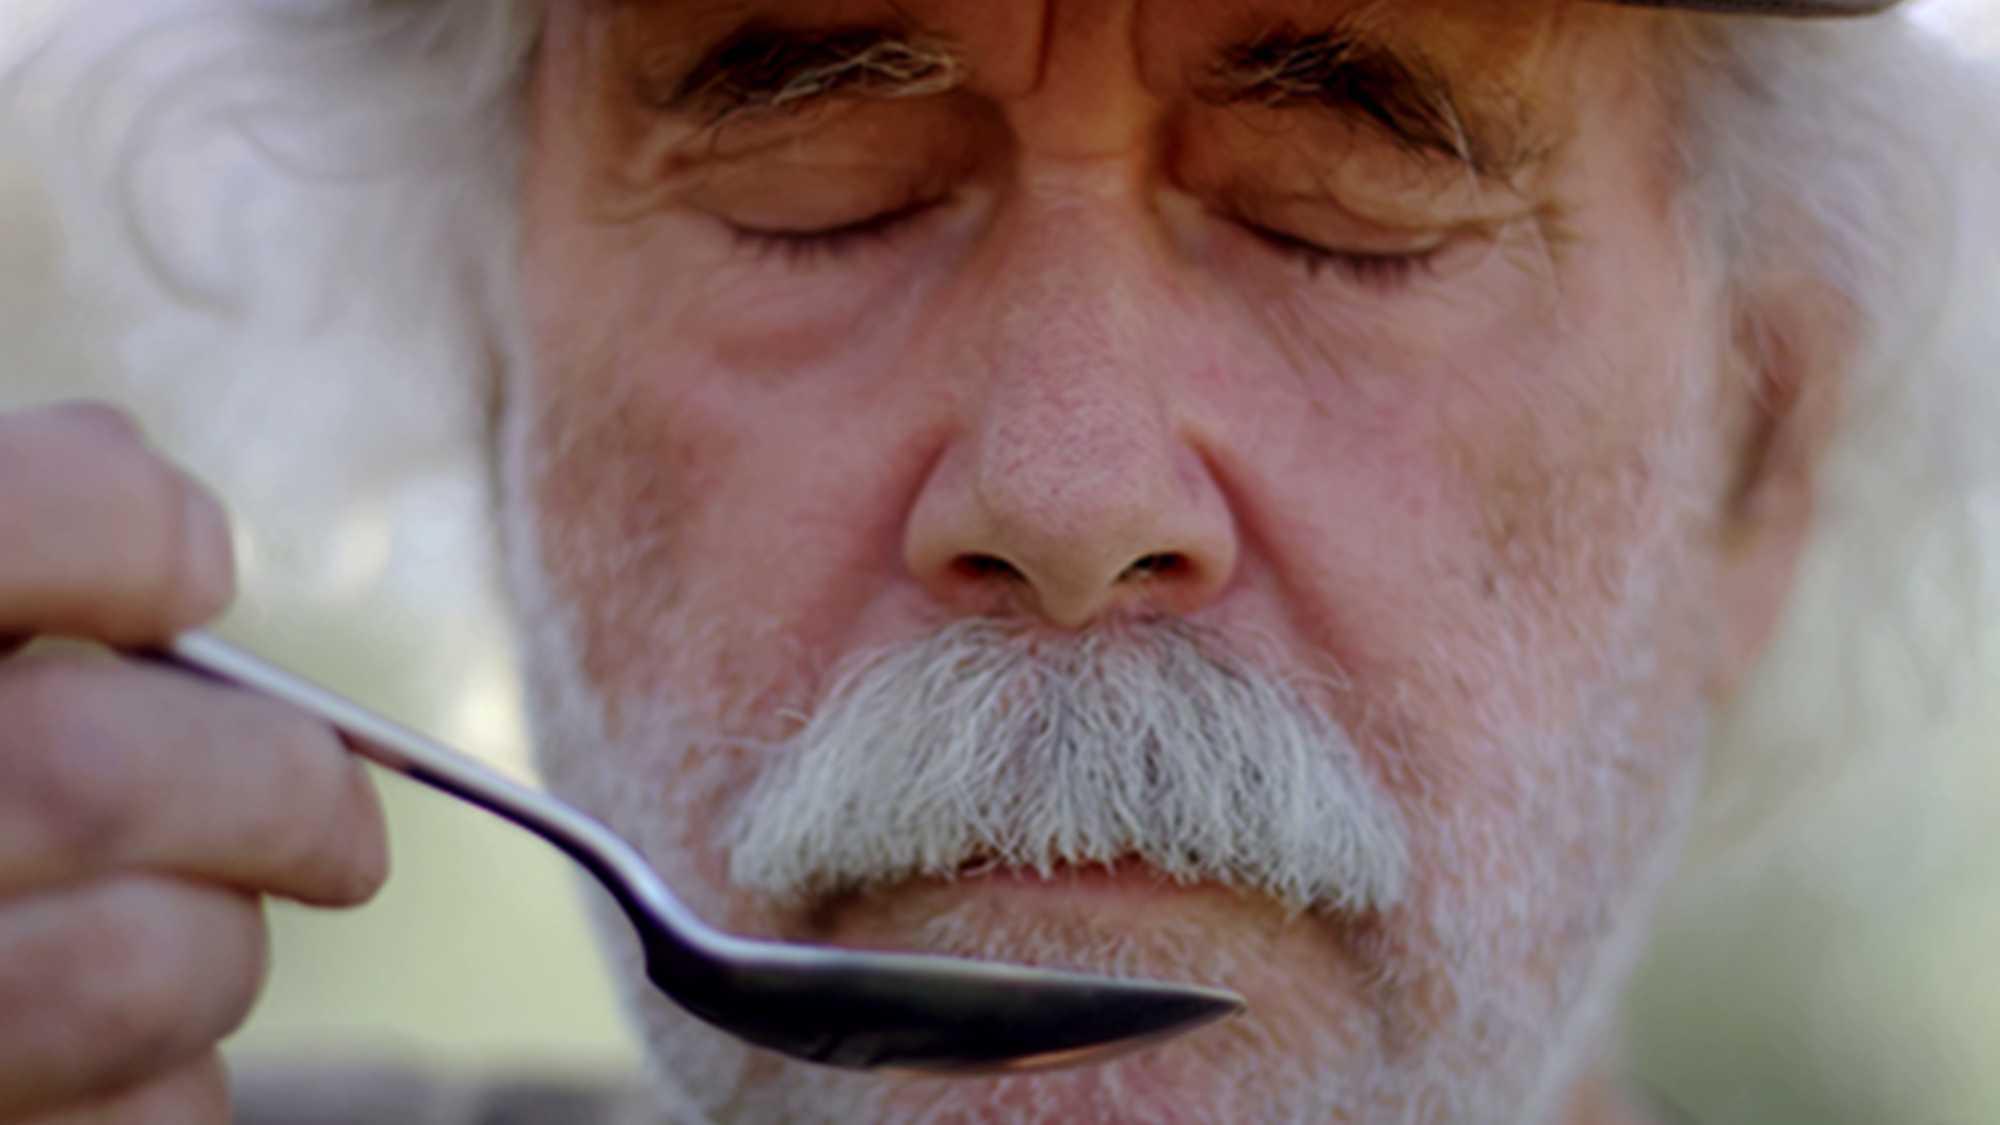 Das Bild zeigt einen Mann. Sein Gesicht ist zu sehen. Vor sein Gesicht hält er einen Löffel in der Farbe silber. Seine Augen sind geschlossen. Er hat weißes Haar und trägt einen weißen Oberlippenbart. Das Bild dient als Sliderbild für den Portfolioeintrag Kurzfilm Tränen der Olive von Panda Pictures.